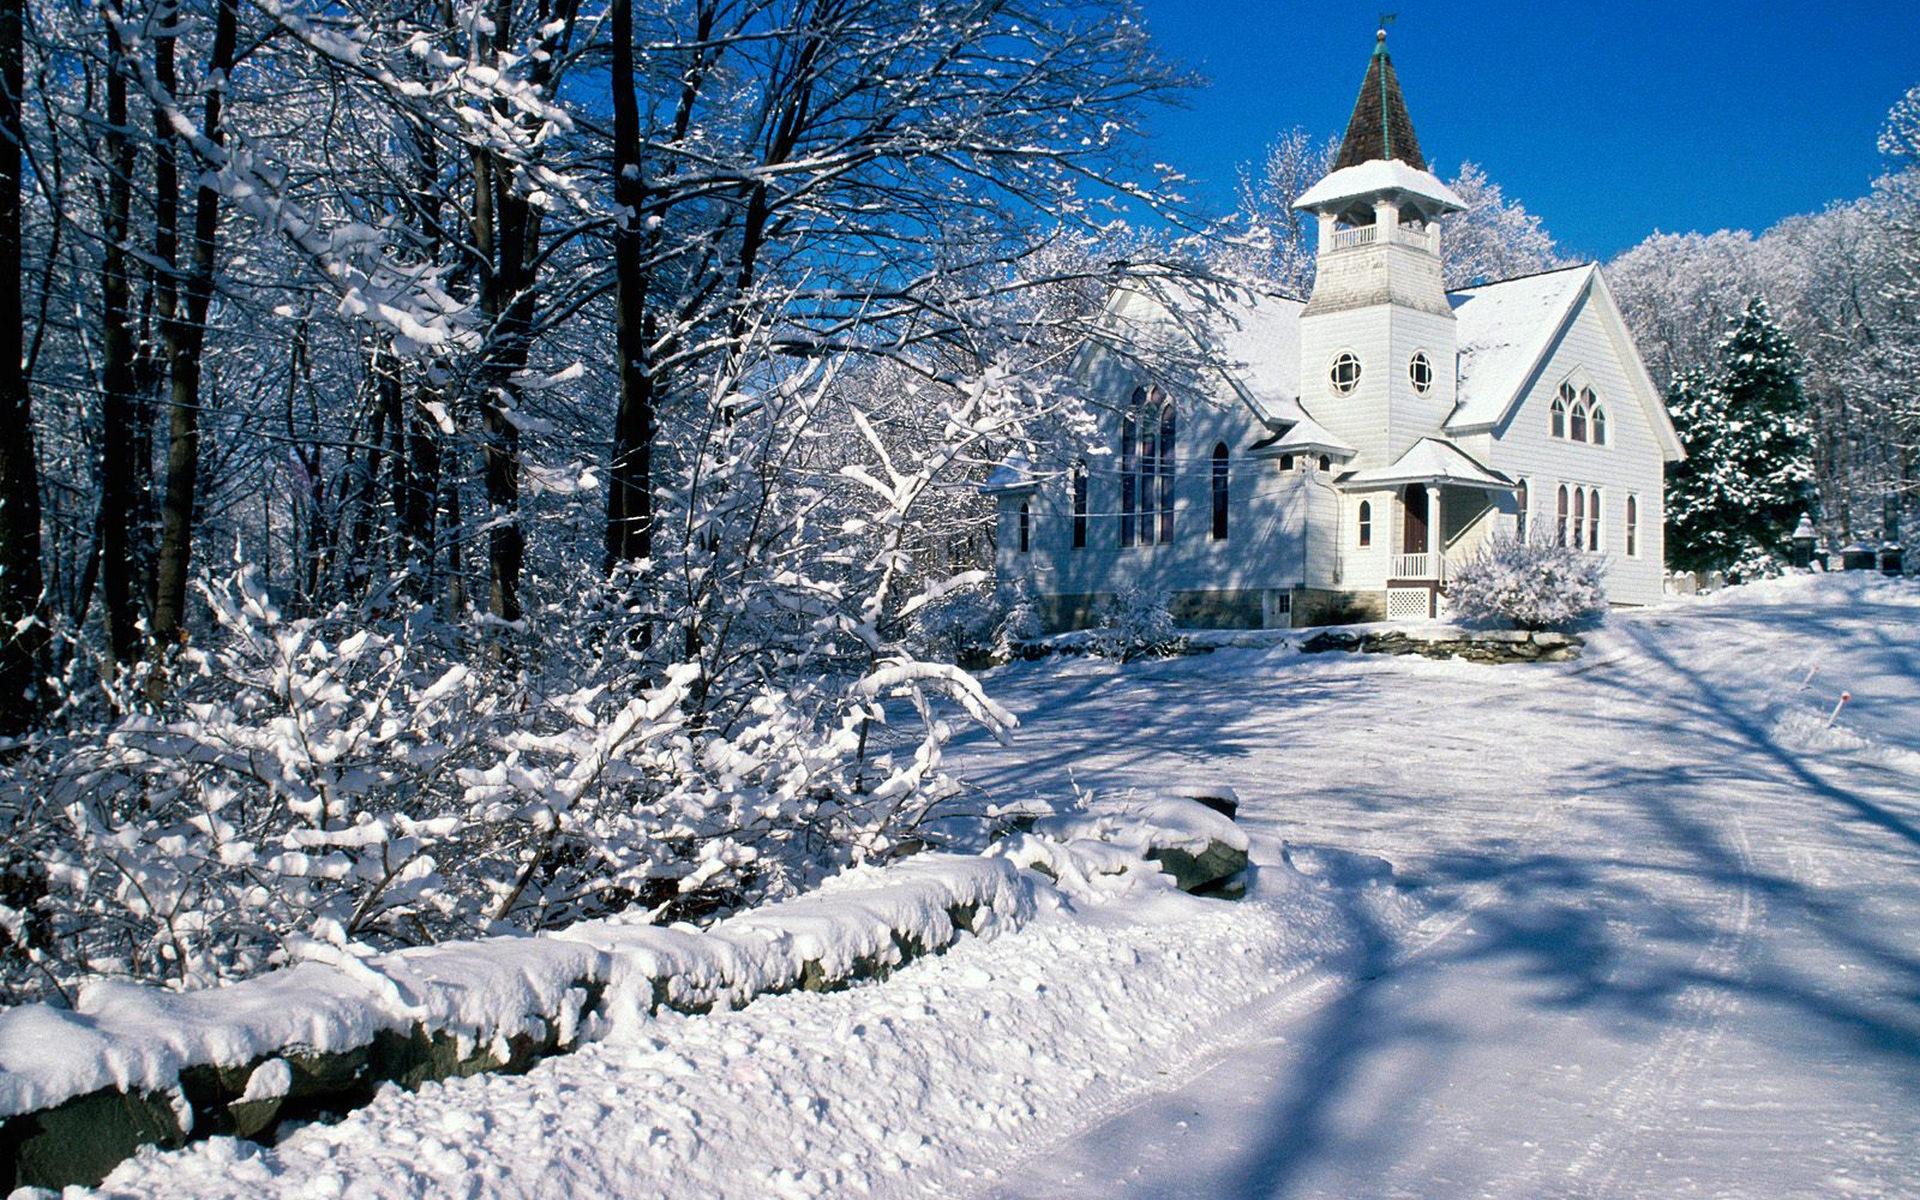 雪景,冬天,蓝天,冬季,阳光,雪中别墅,小道,户外,小房子,城堡,木房子,下雪,寒冬,白雪皑皑